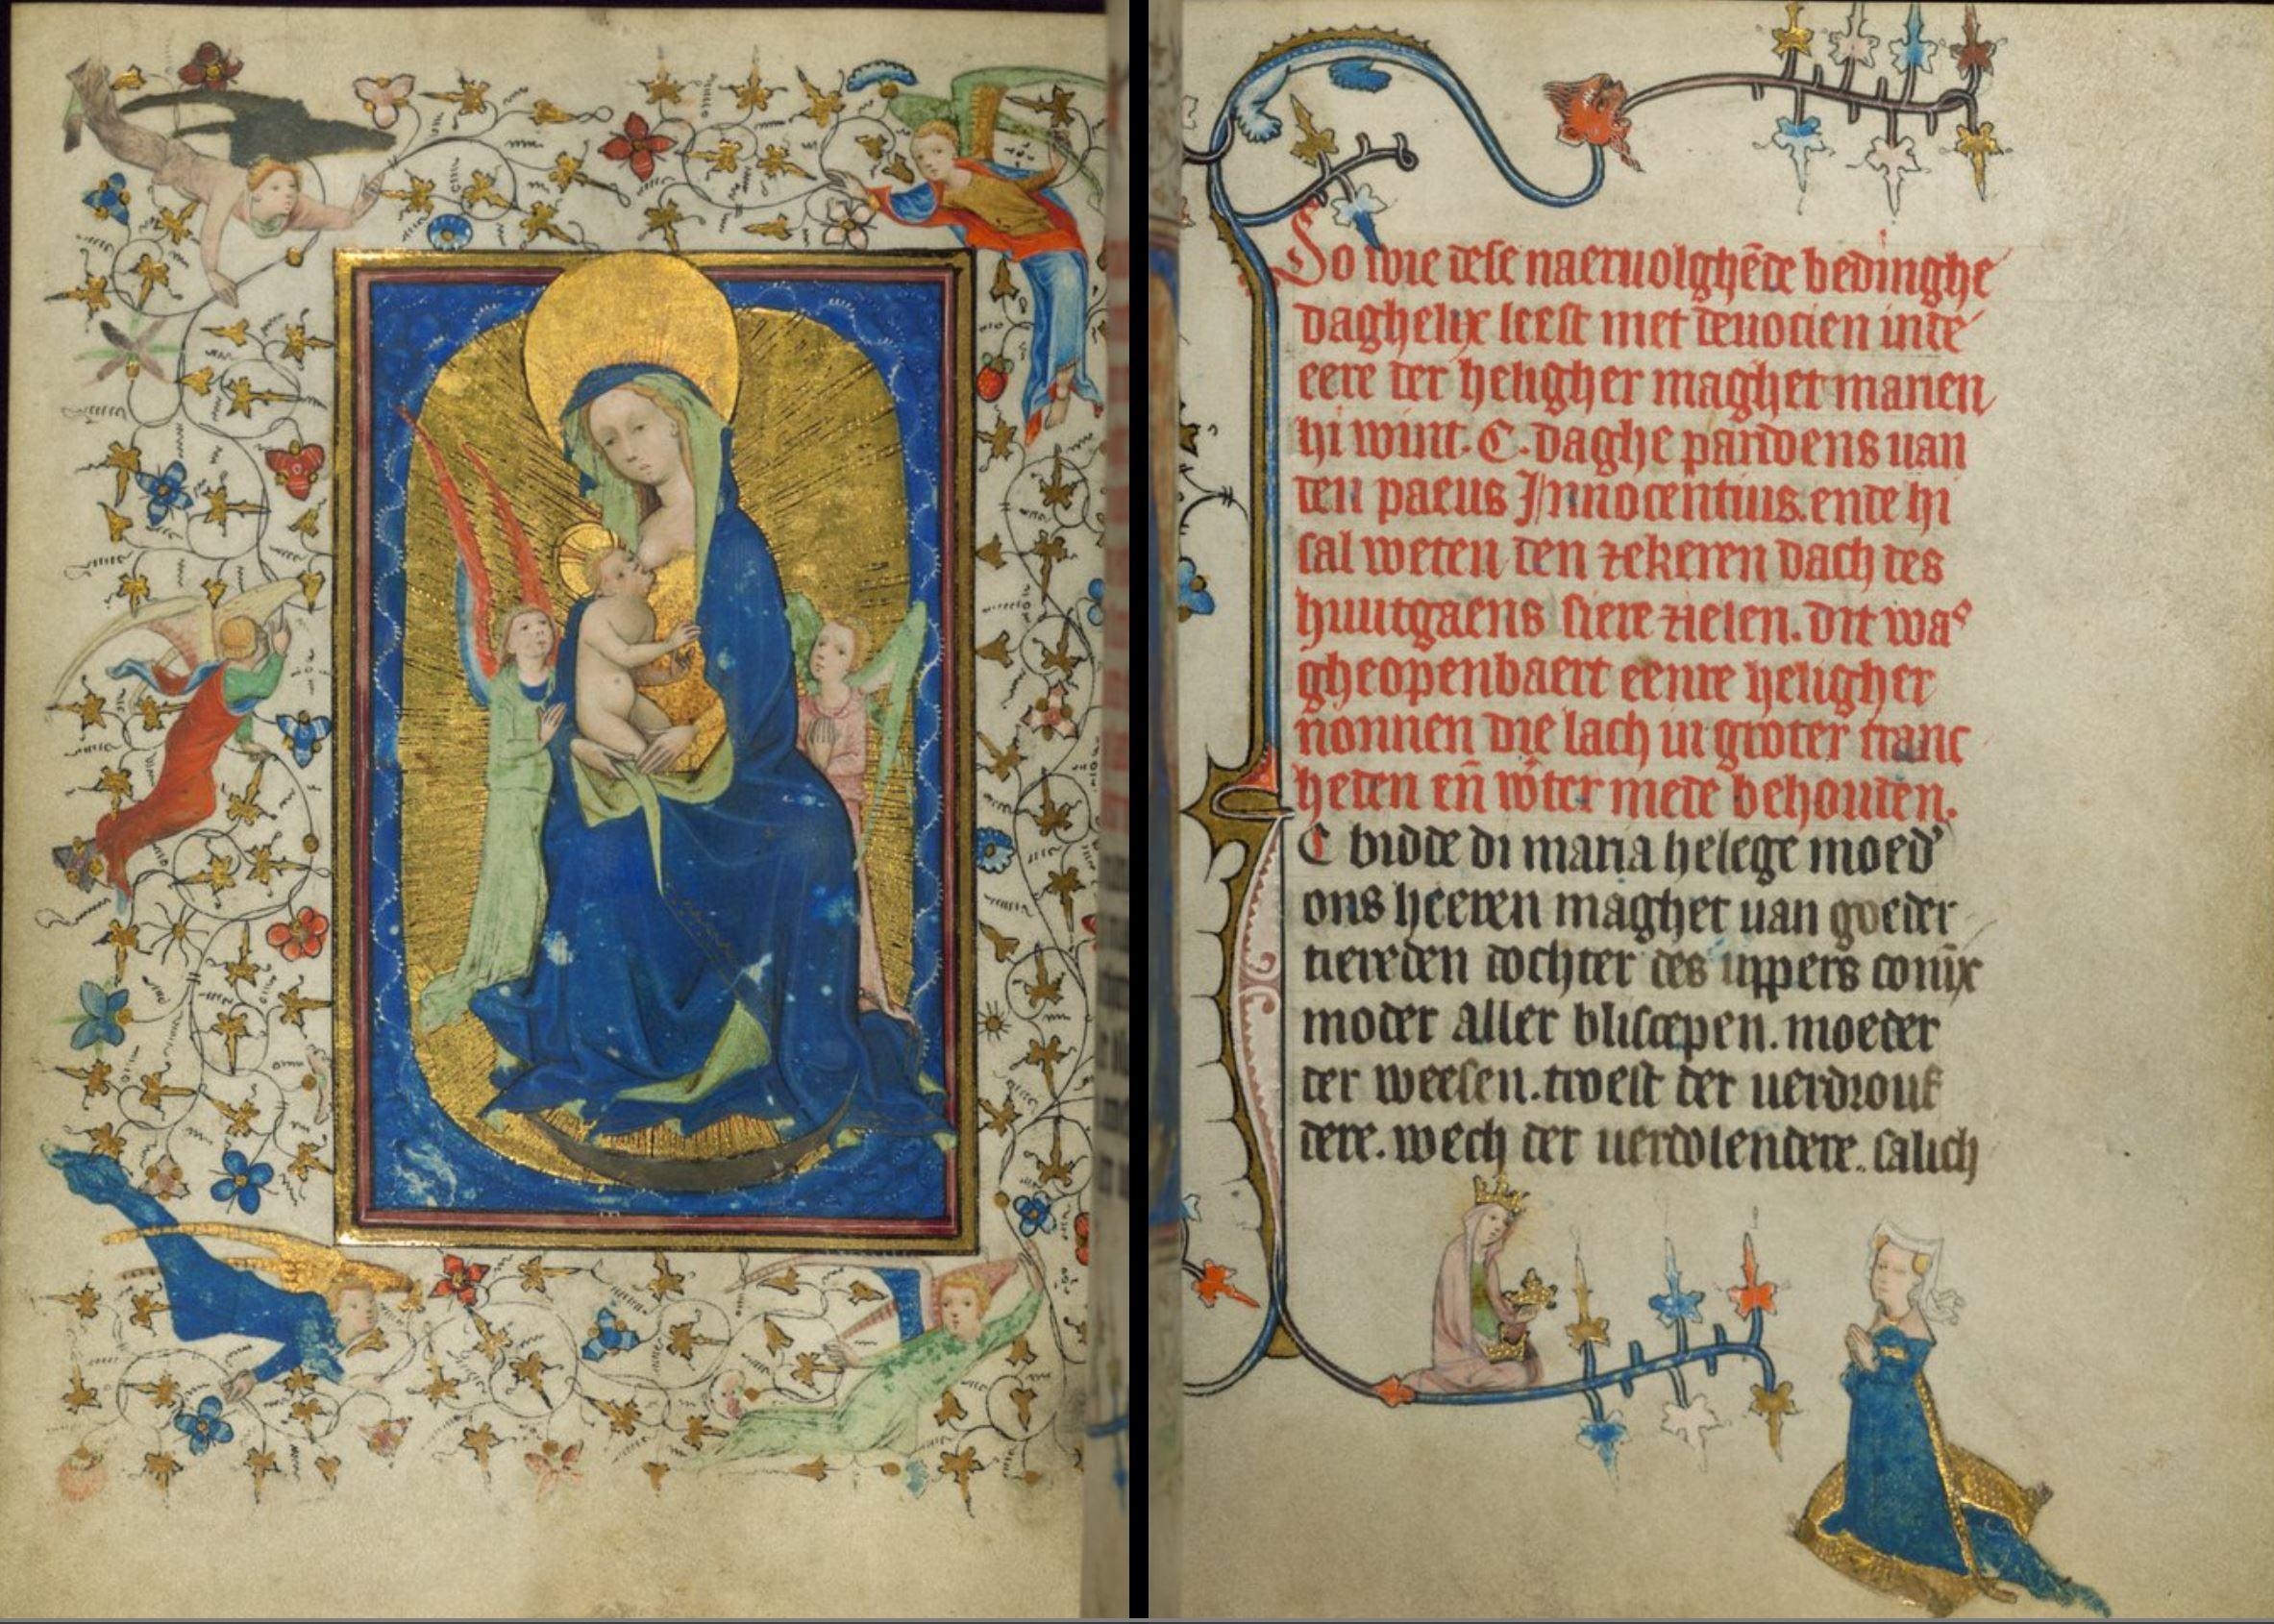 1420‒30 Book of Hours of Daniel Rym Walters Elizabeth van Munte Ms. W.166 fol 60r 61v